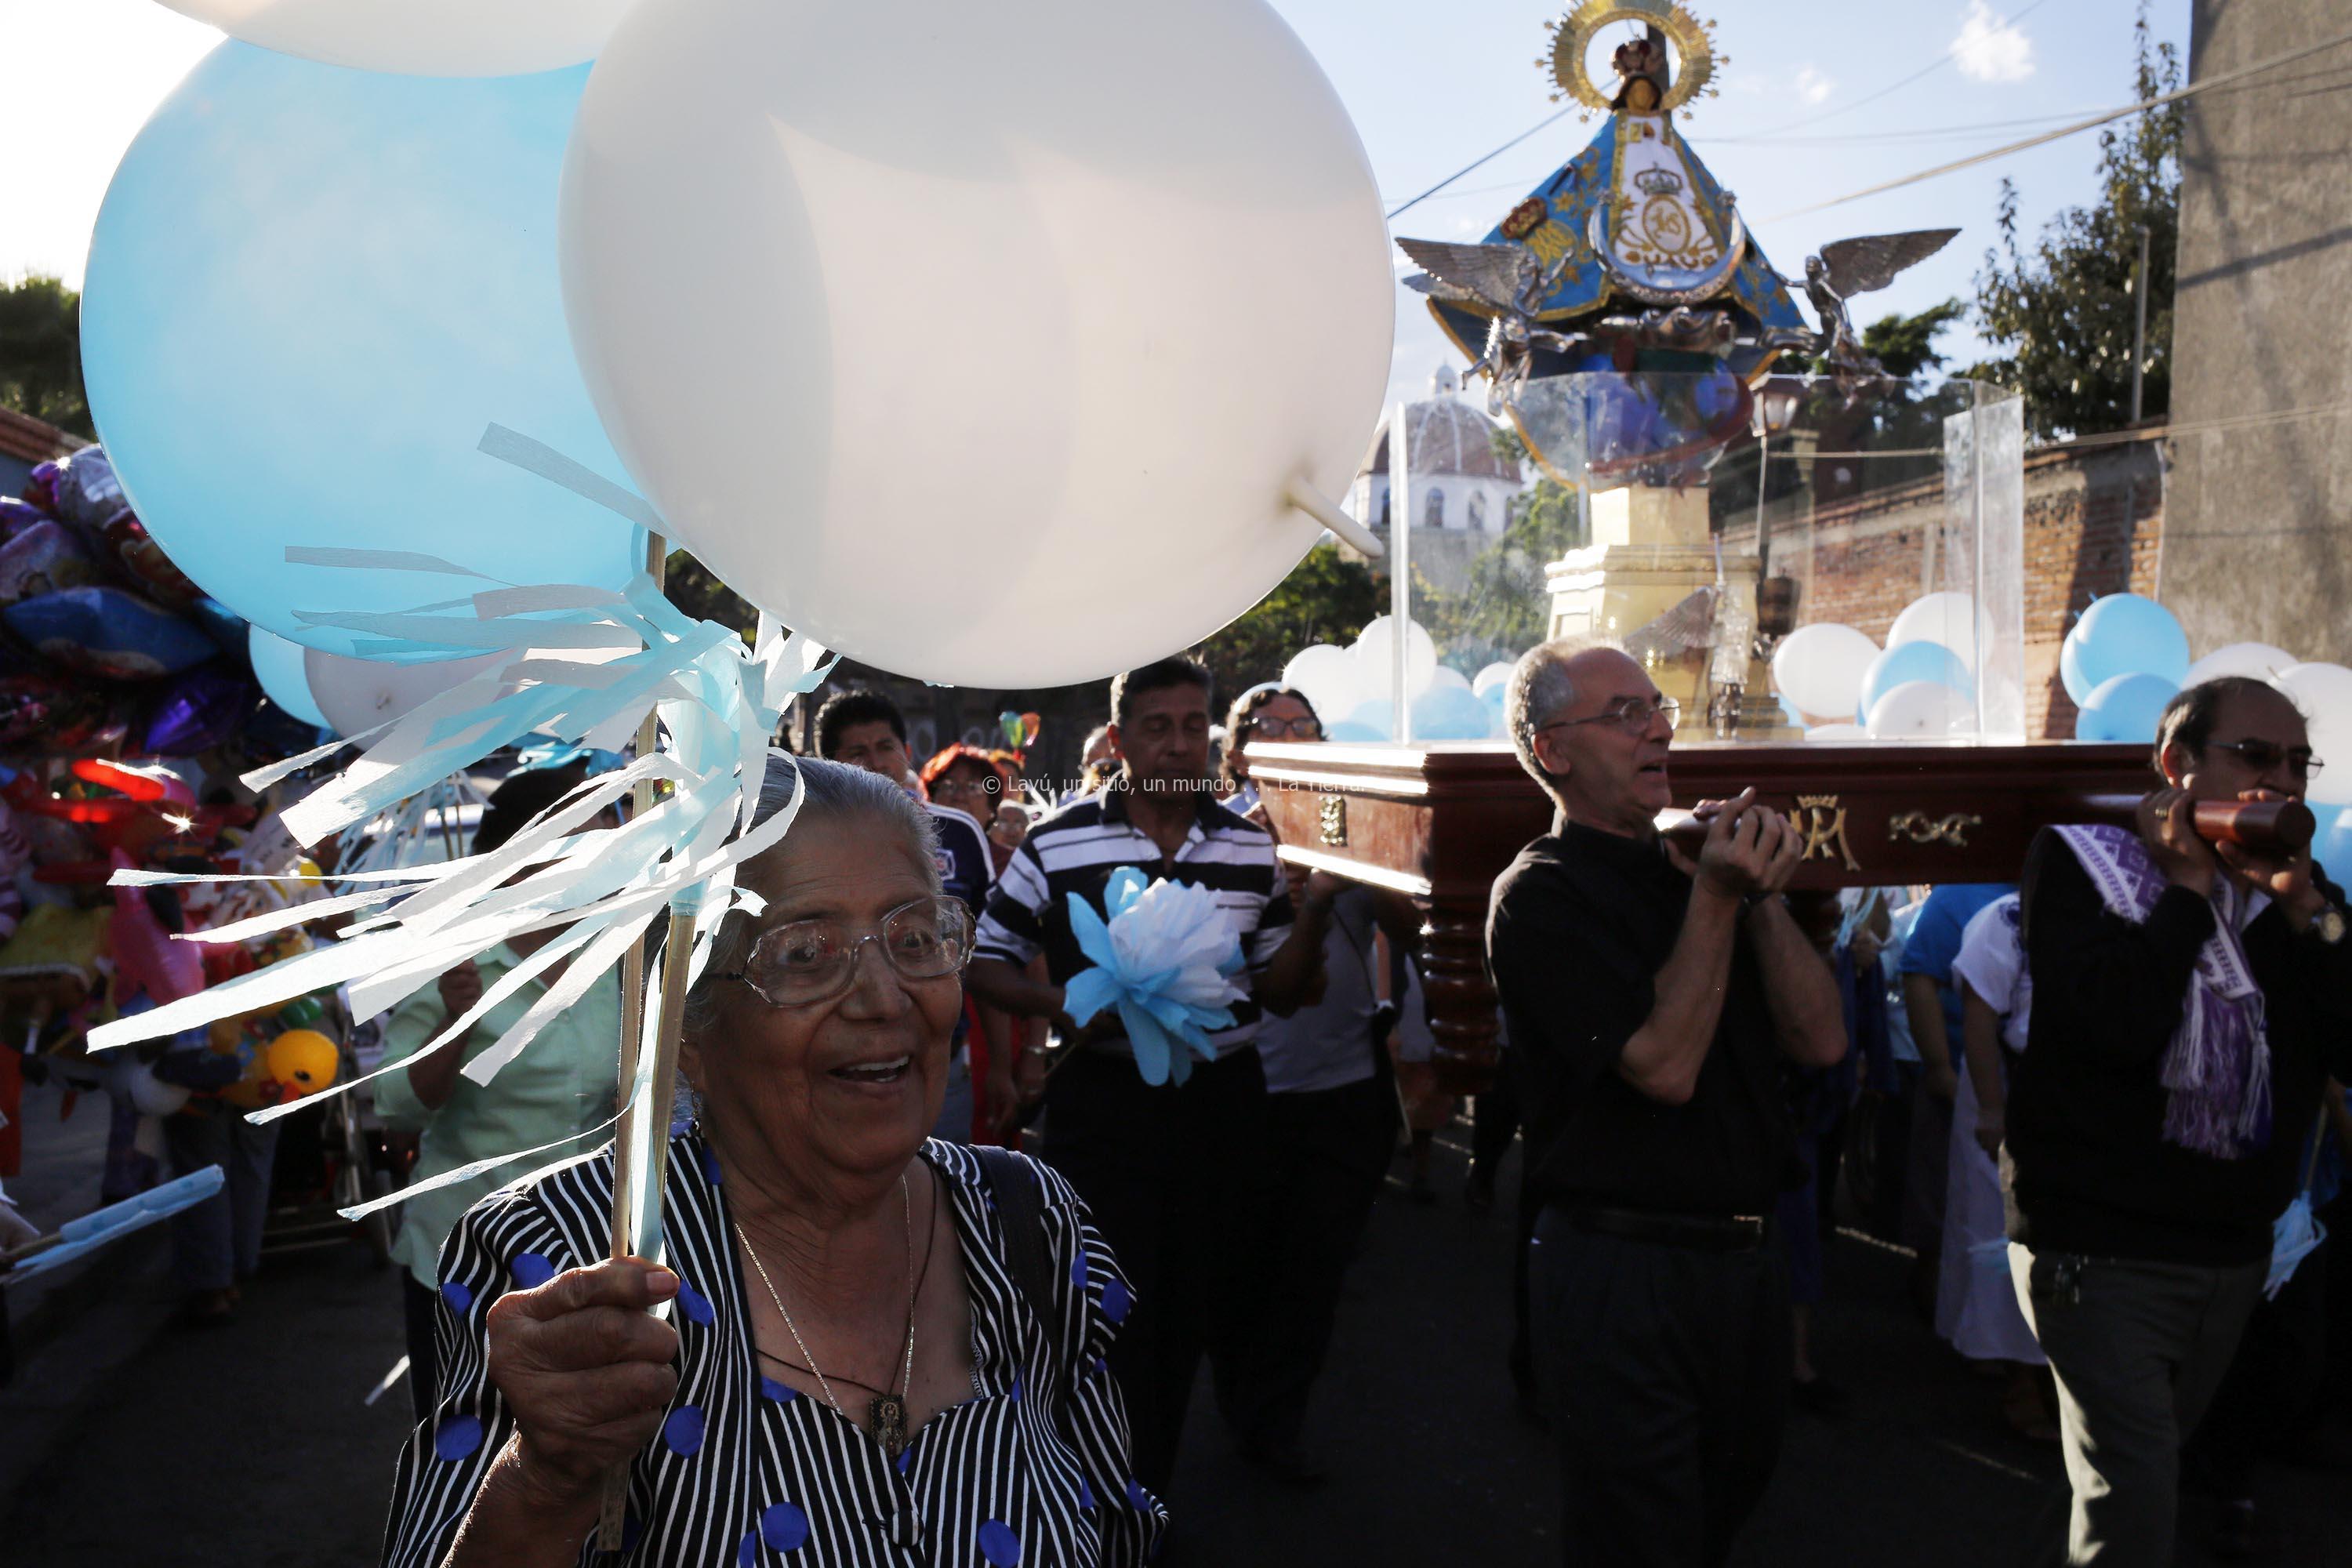 Invita Arzobispo de Antequera, Oaxaca a peregrinar por la paz con la Virgen de Juquila